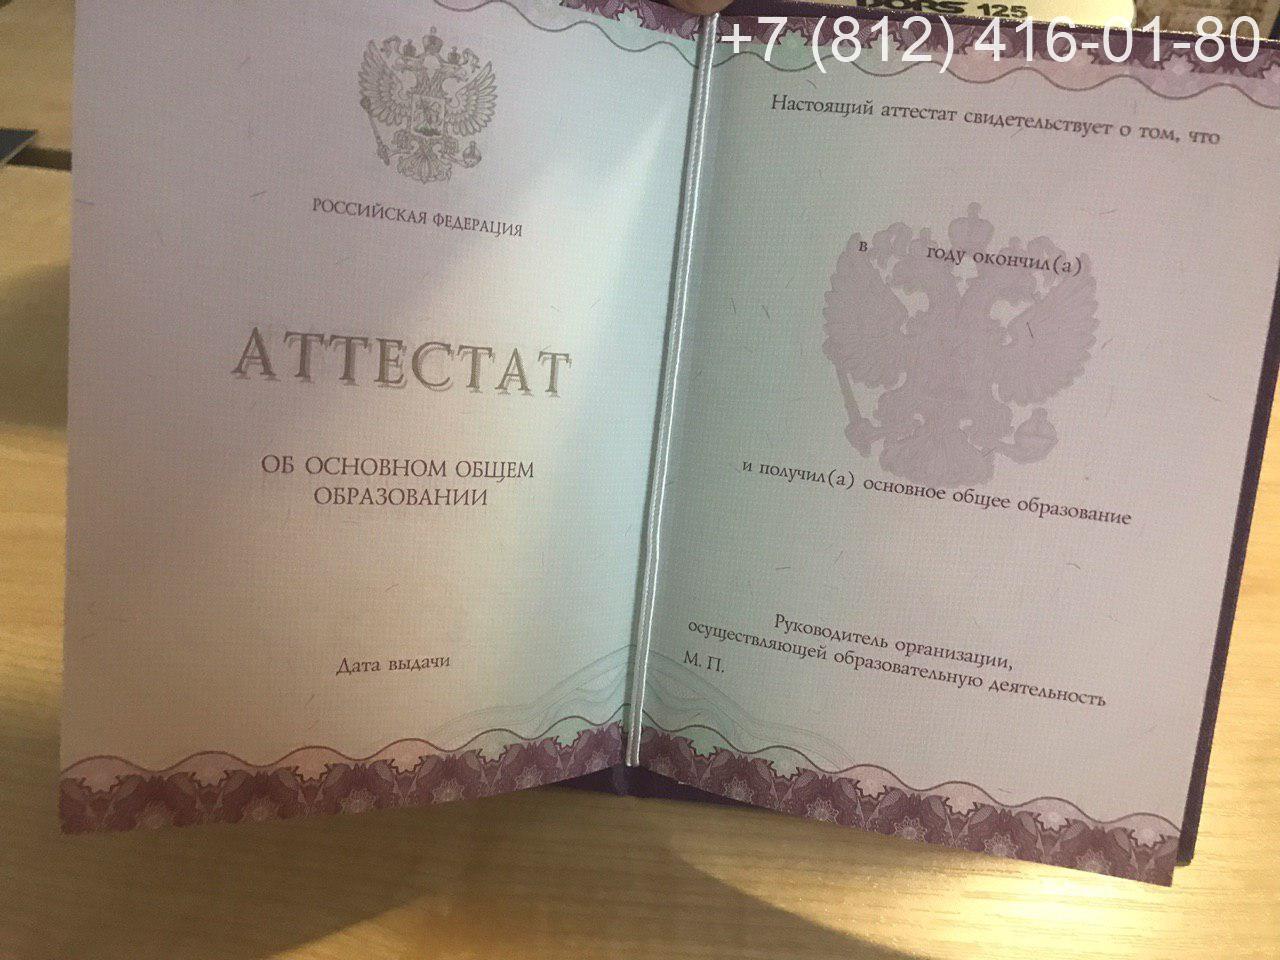 Аттестат 9 класс 2014-2020 годов, образец, титульный лист-1